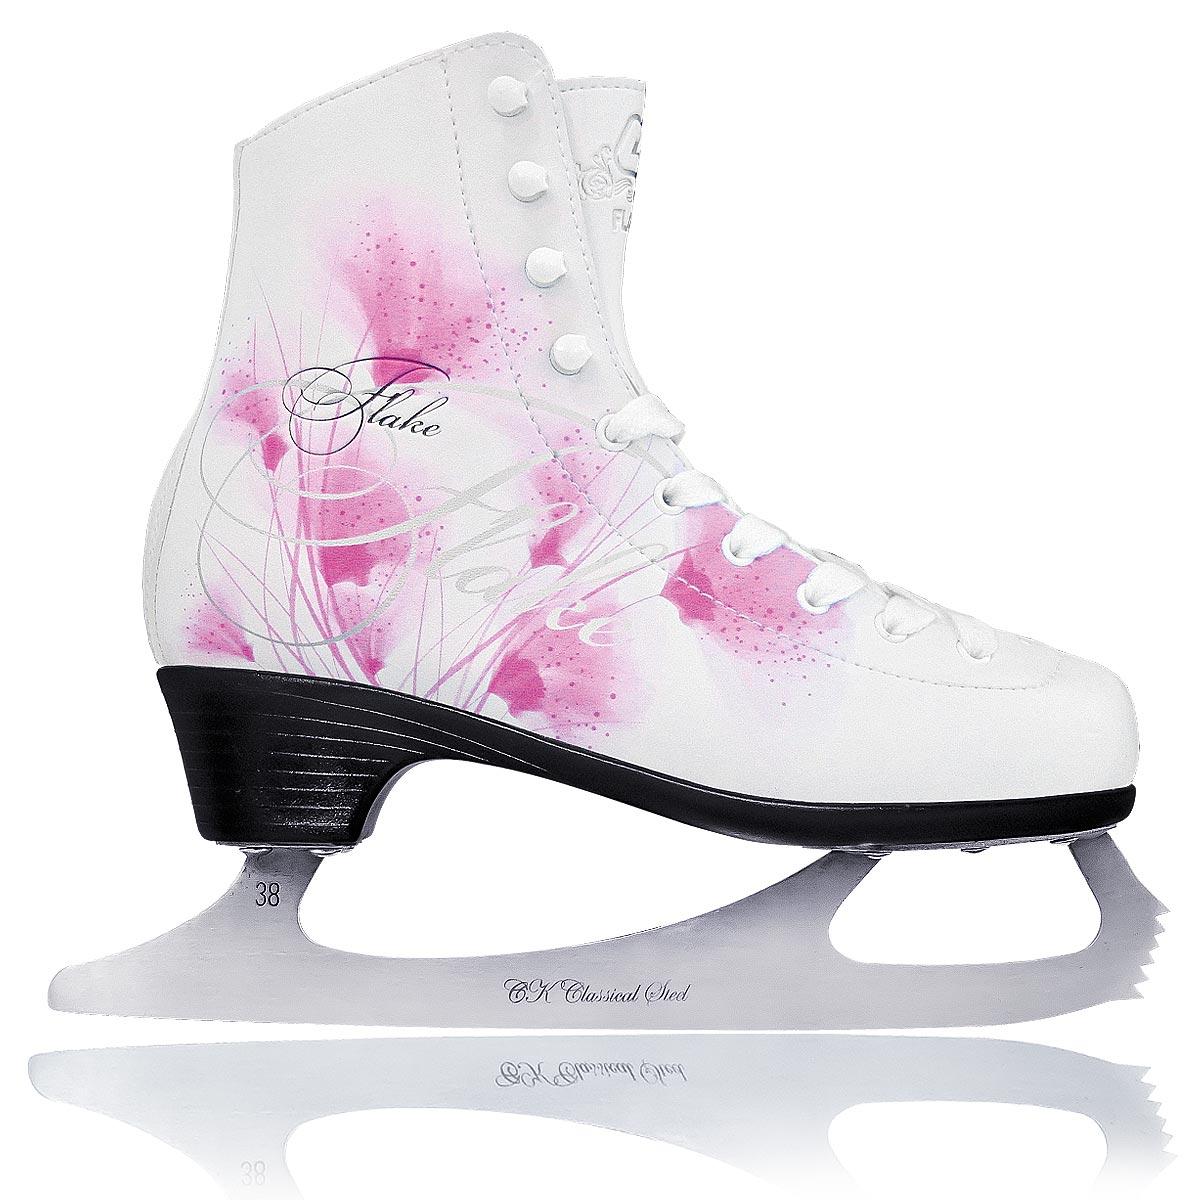 Коньки фигурные женские CK Flake Leather, цвет: белый, фуксия. Размер 42 коньки фигурные для девочки ck ladies velvet classic цвет белый голубой серебряный размер 27